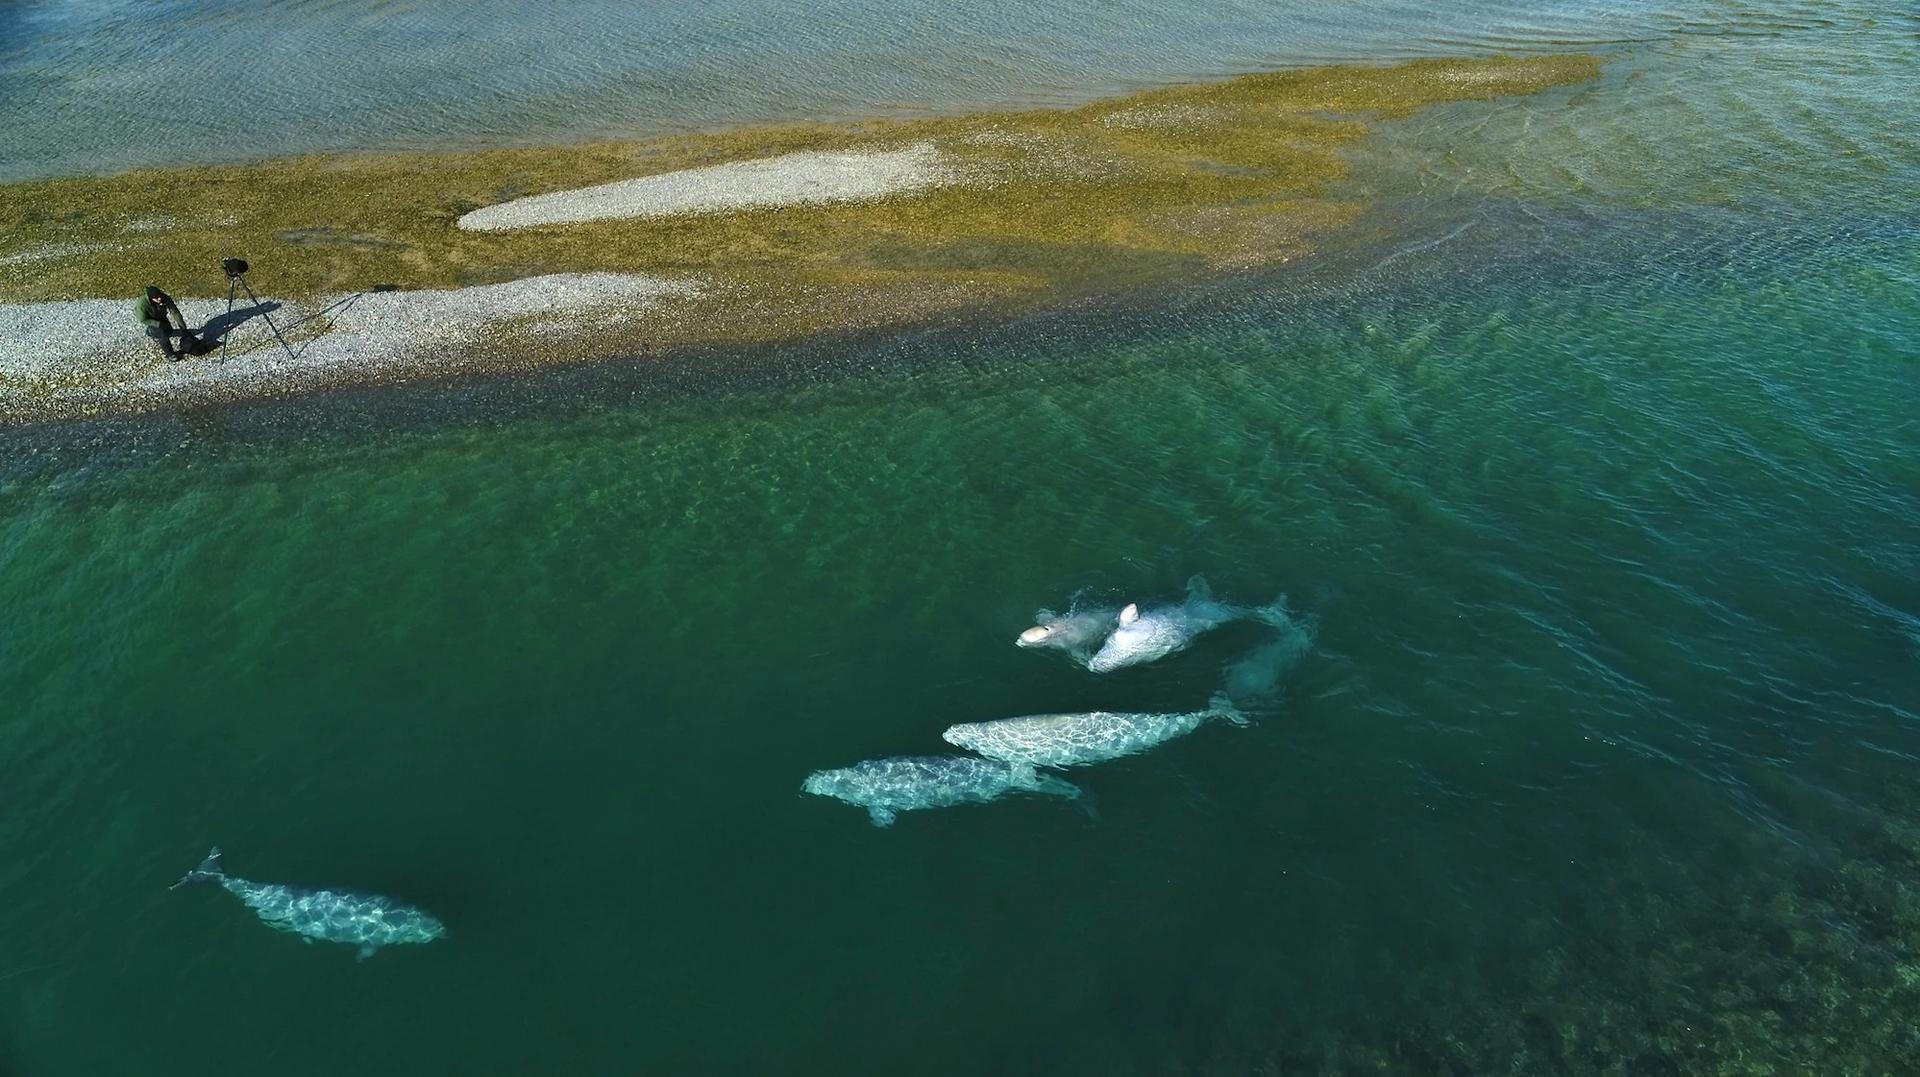 史蓋瑞從加拿大北極圈的一處河灣觀察白鯨,每年春季融冰期之後,大約2000隻白鯨會聚集在那裡,有些白鯨會遷徙長達1600公里的距離。牠們在這處河口生下幼鯨,並與其他白鯨族群社交。PHOTOGRAPH BY NANSEN WEBER